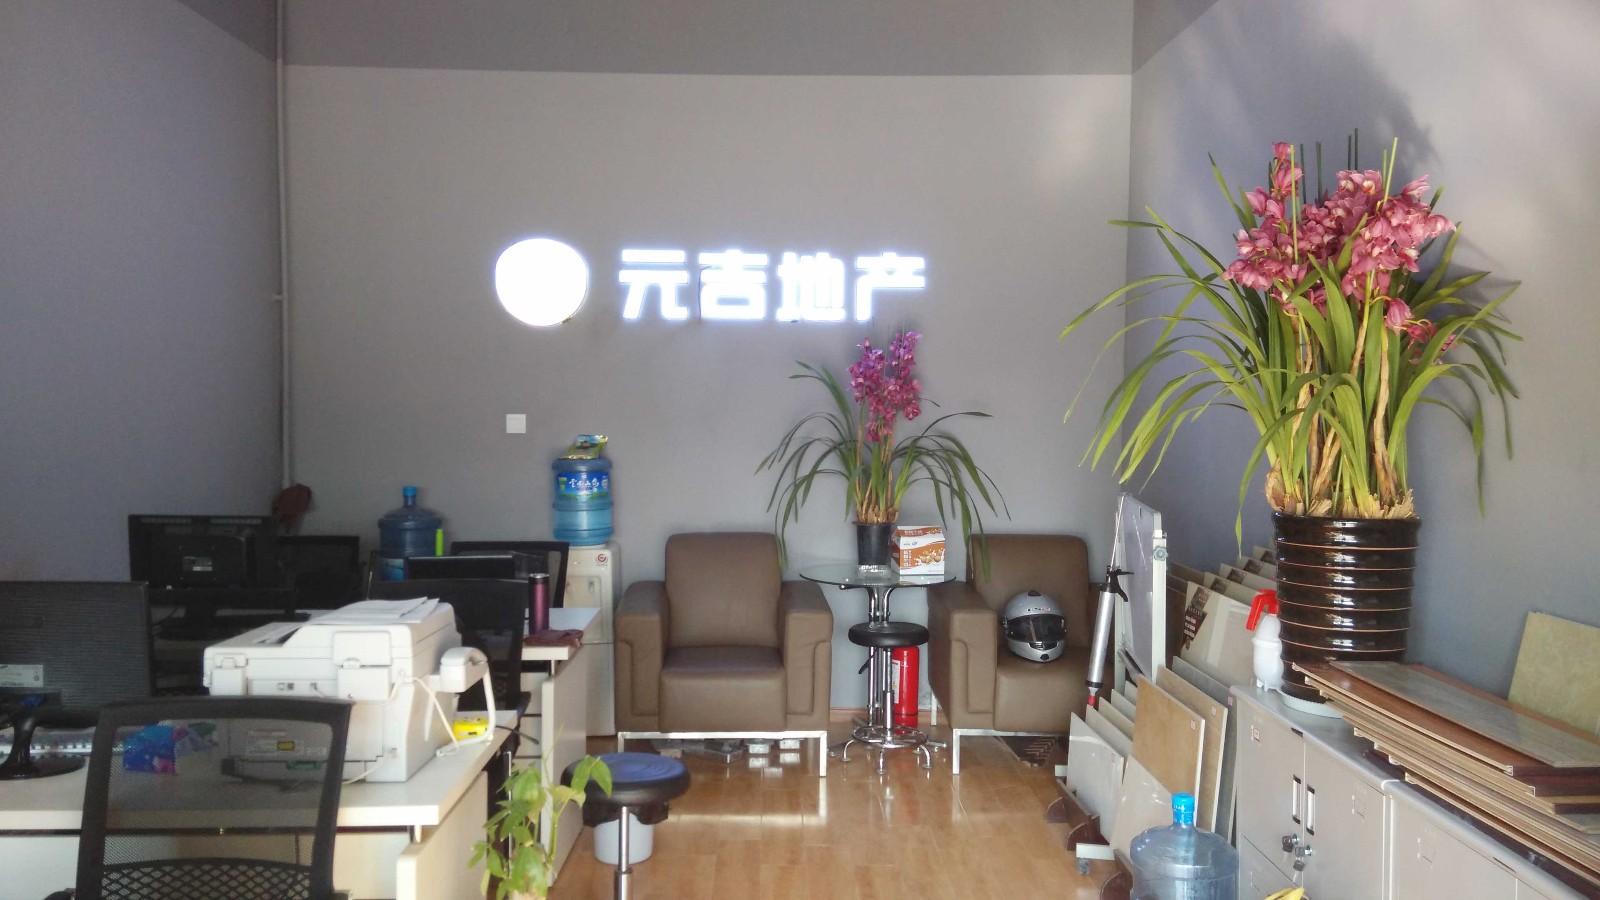 吉房地产经纪有限公司主要经营写字楼租赁和装饰装修